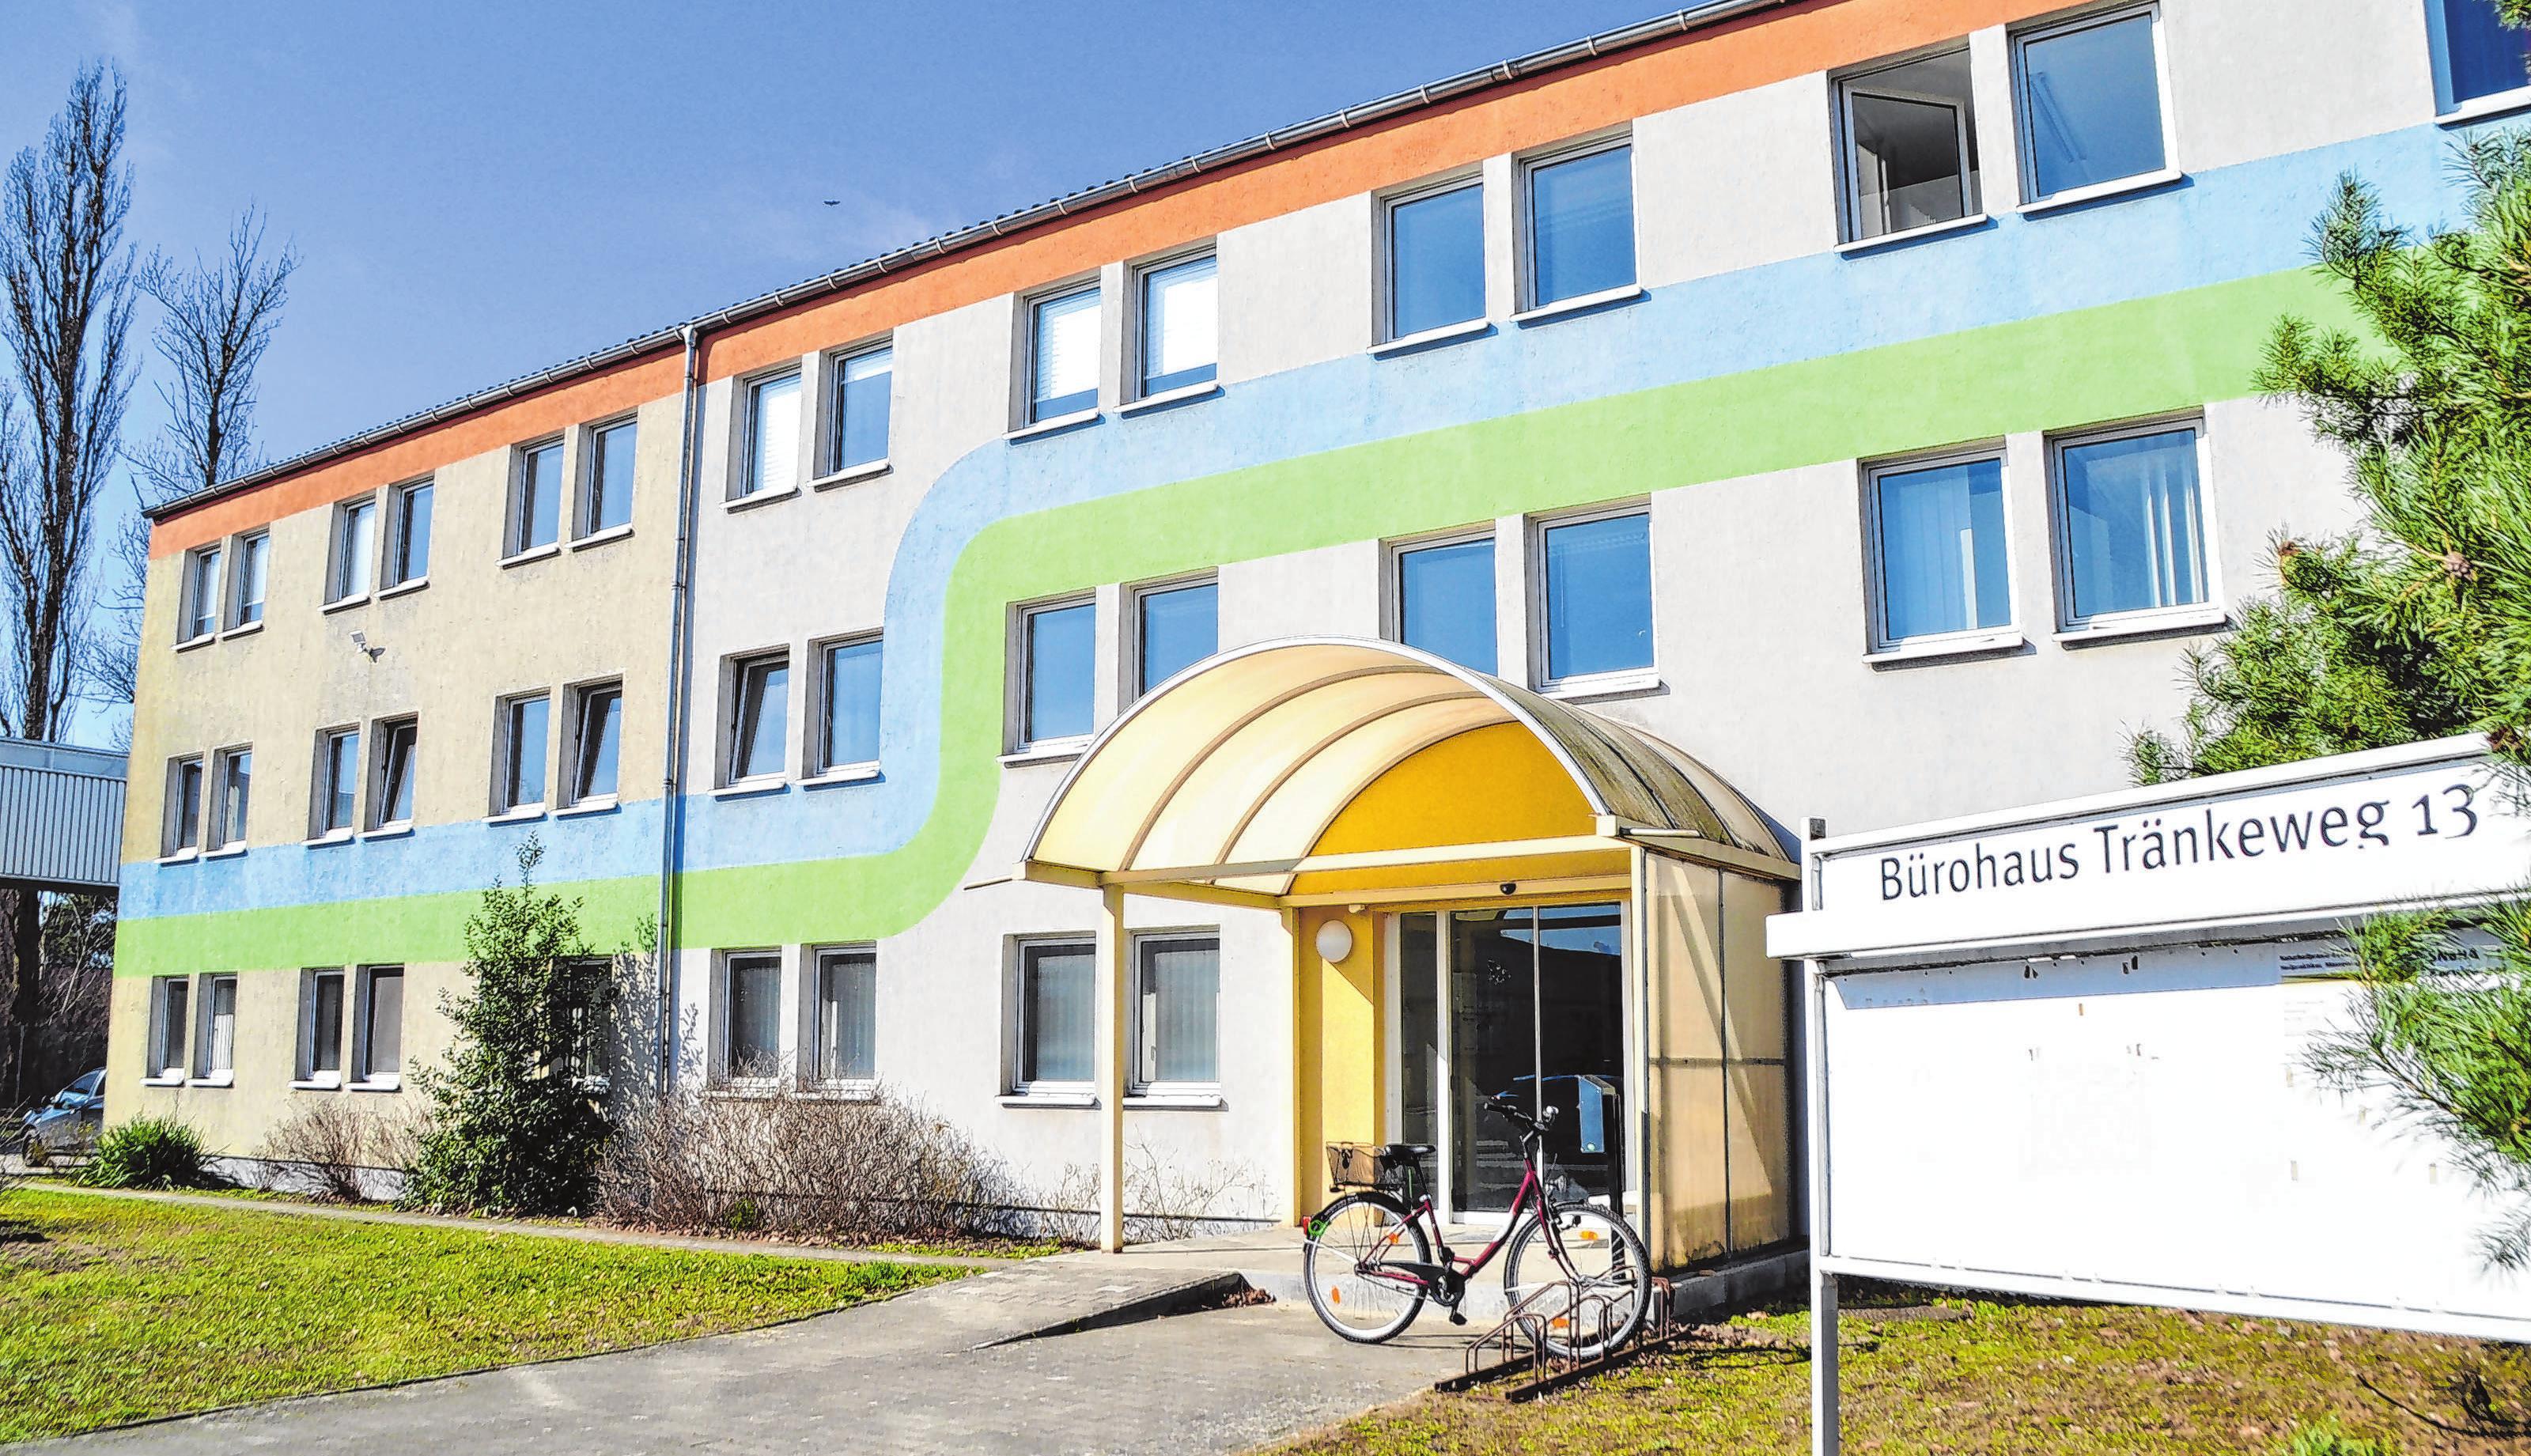 In dem Bürogebäude im Tränkeweg 13 hat Thomas Gruhn seine Praxis eingerichtet.